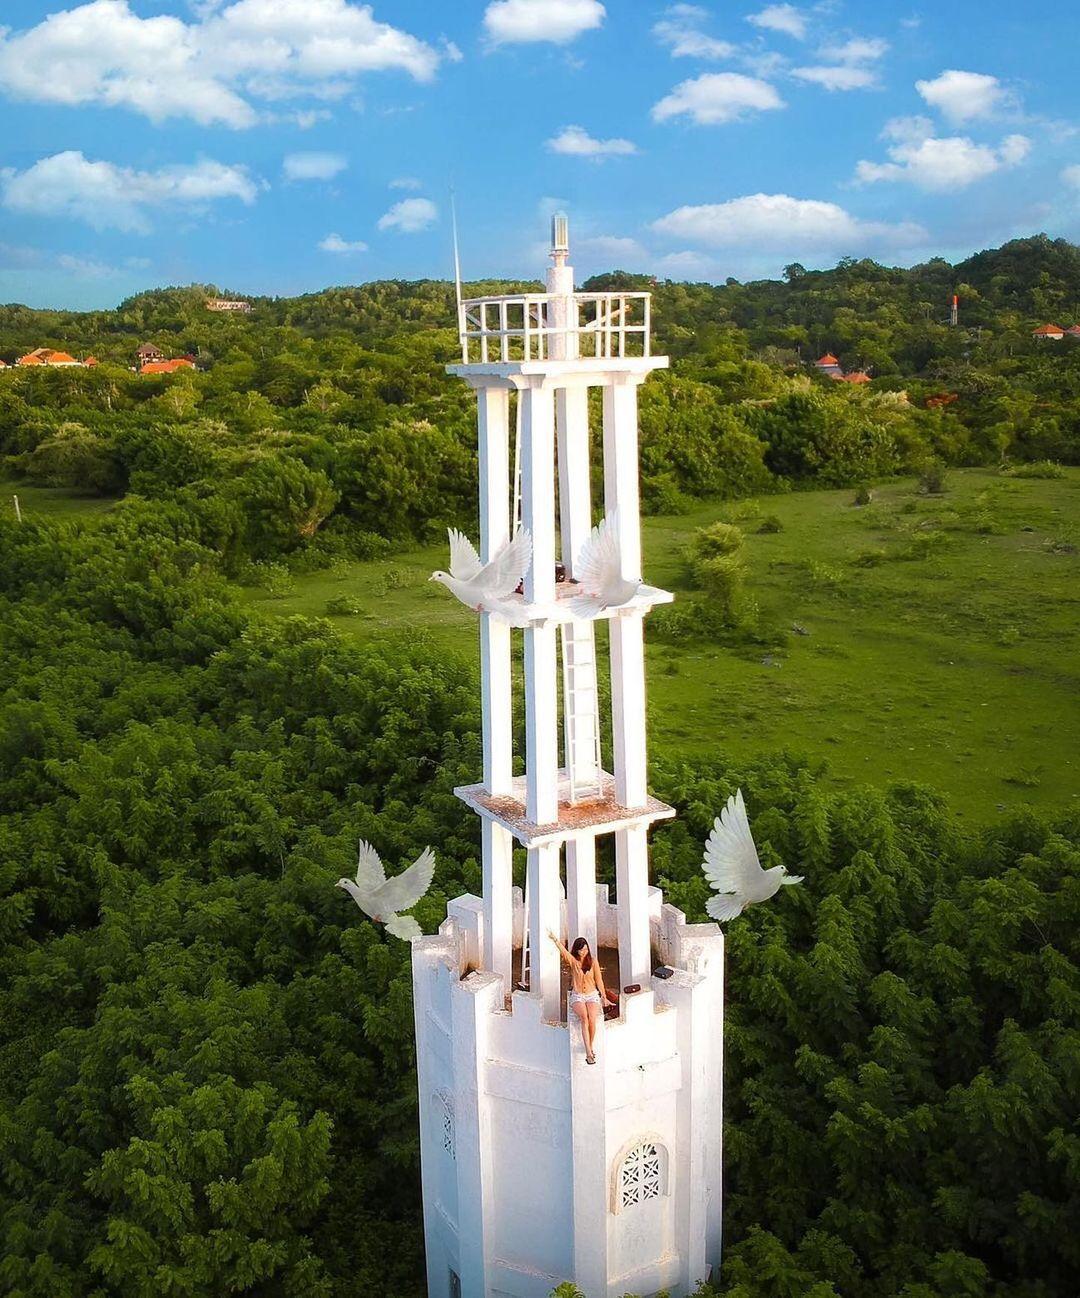 Menara Batu Jaran Hill Uluwatu